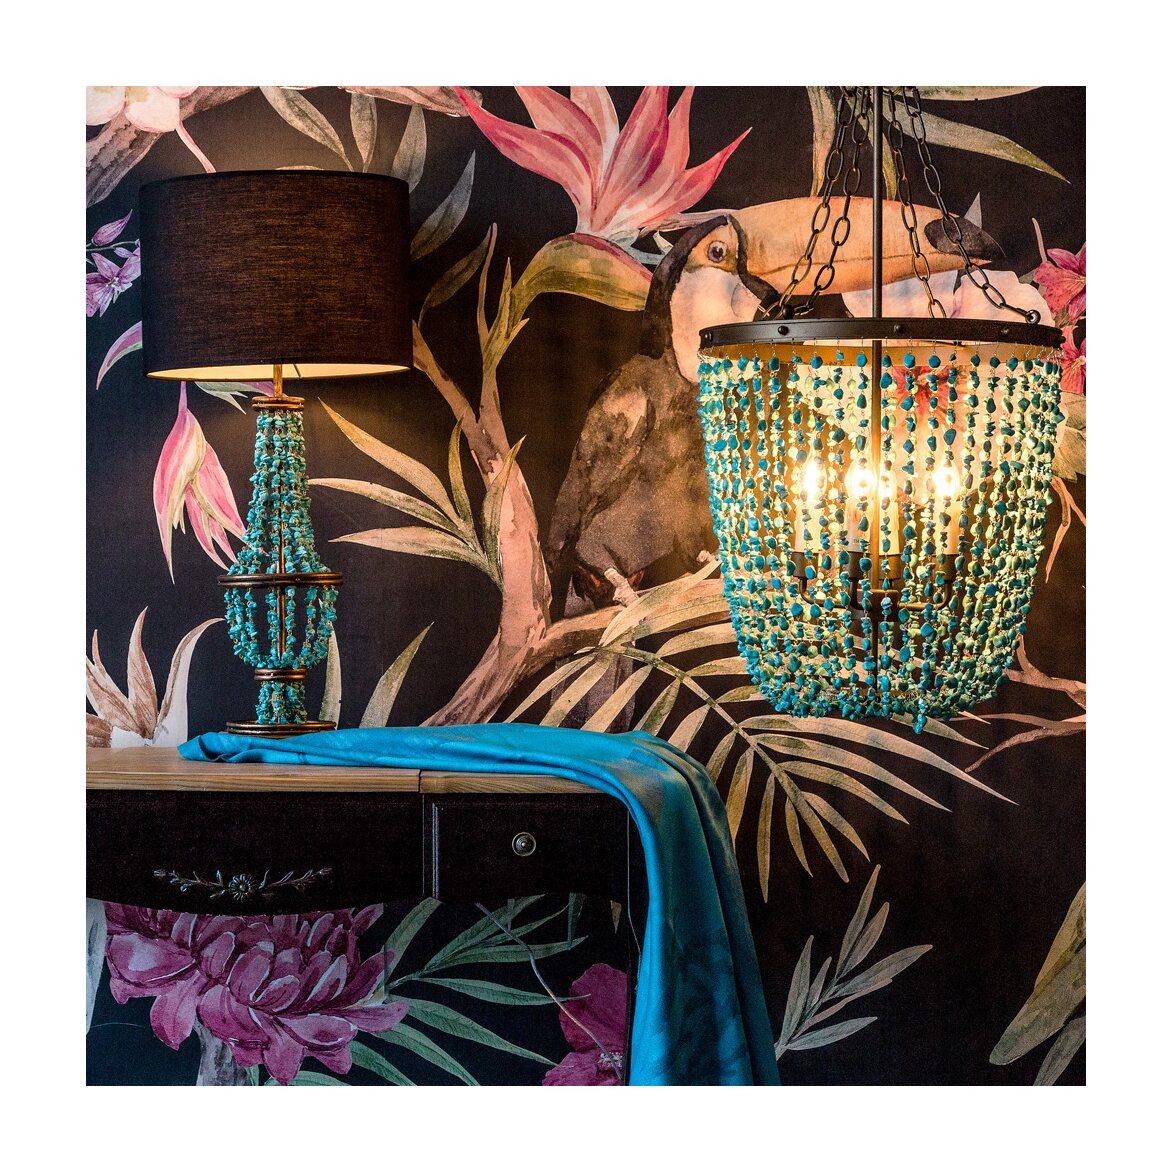 Настольная лампа «Либерти» 3 | Настольные лампы Kingsby